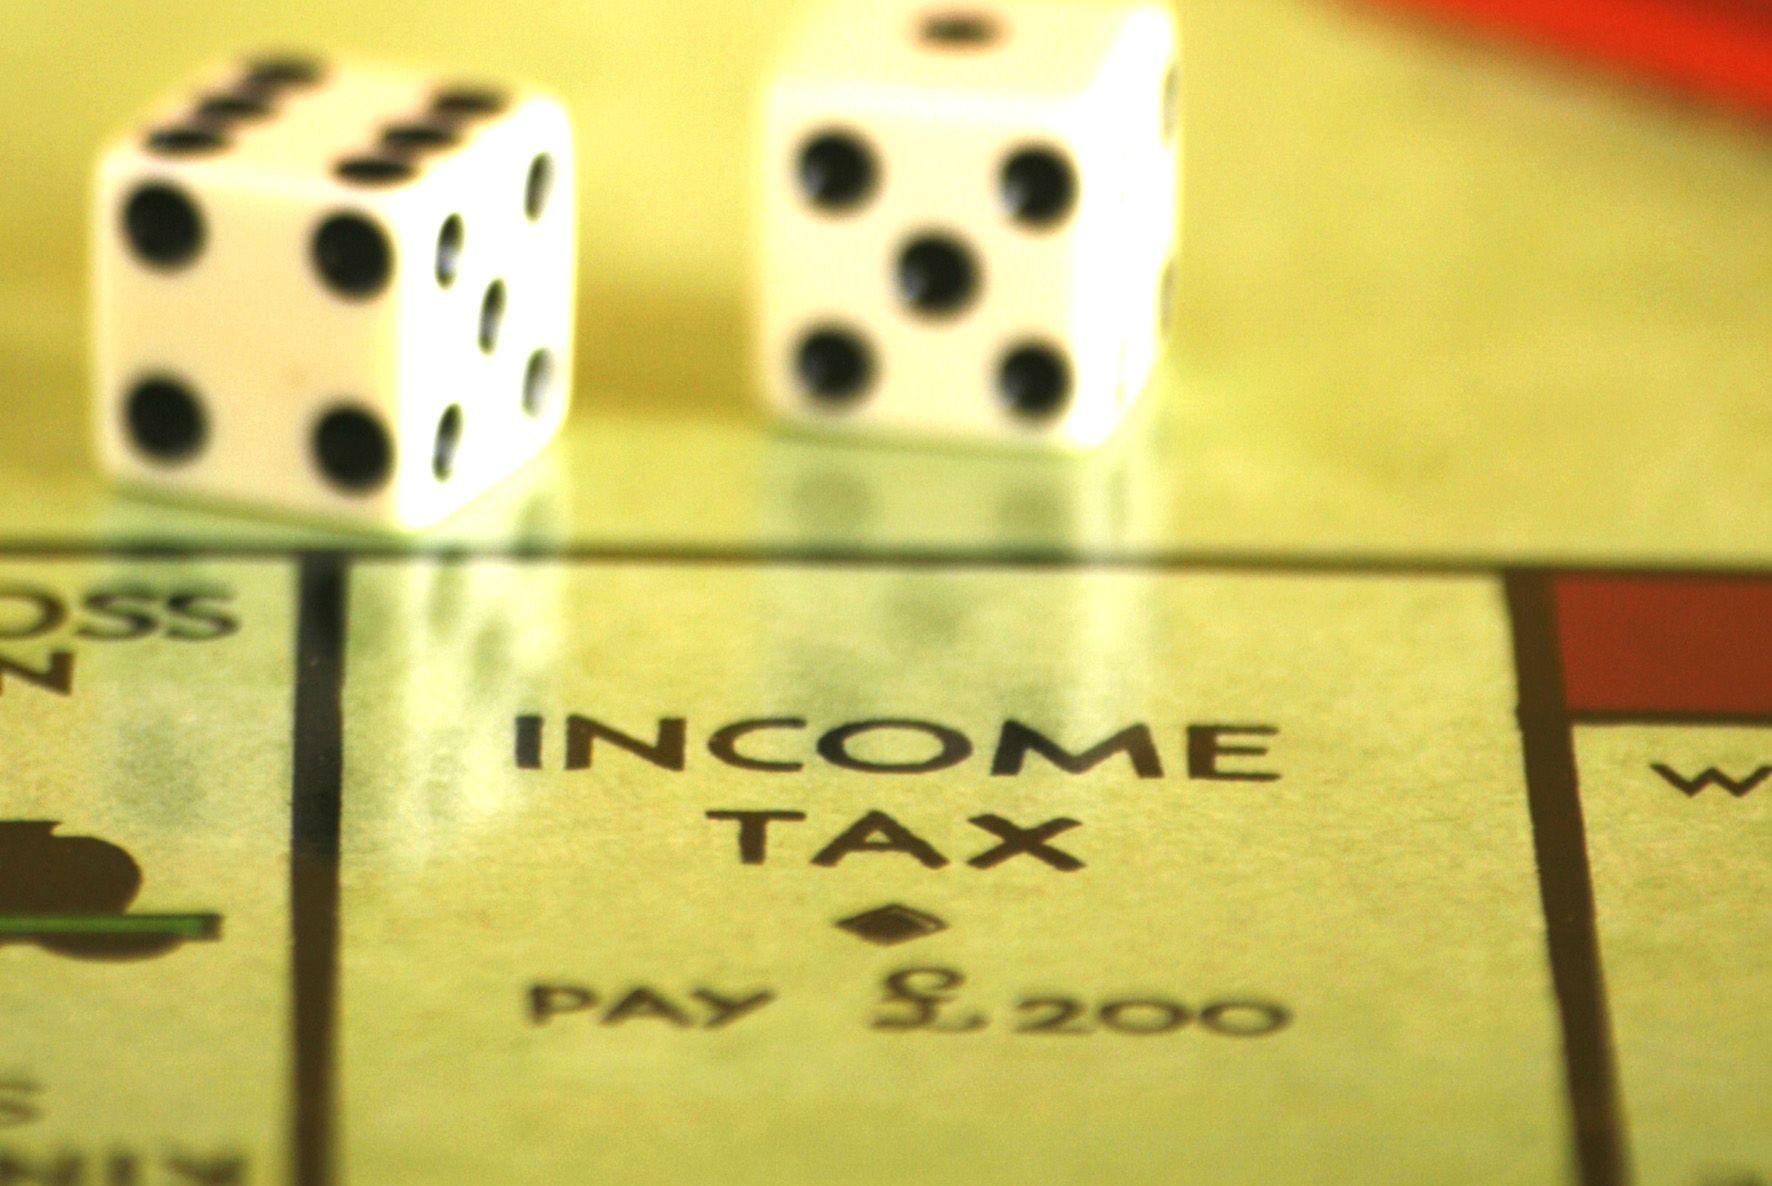 Une des promesses de campagne de François Hollande était le prélèvement des impôts à la source.